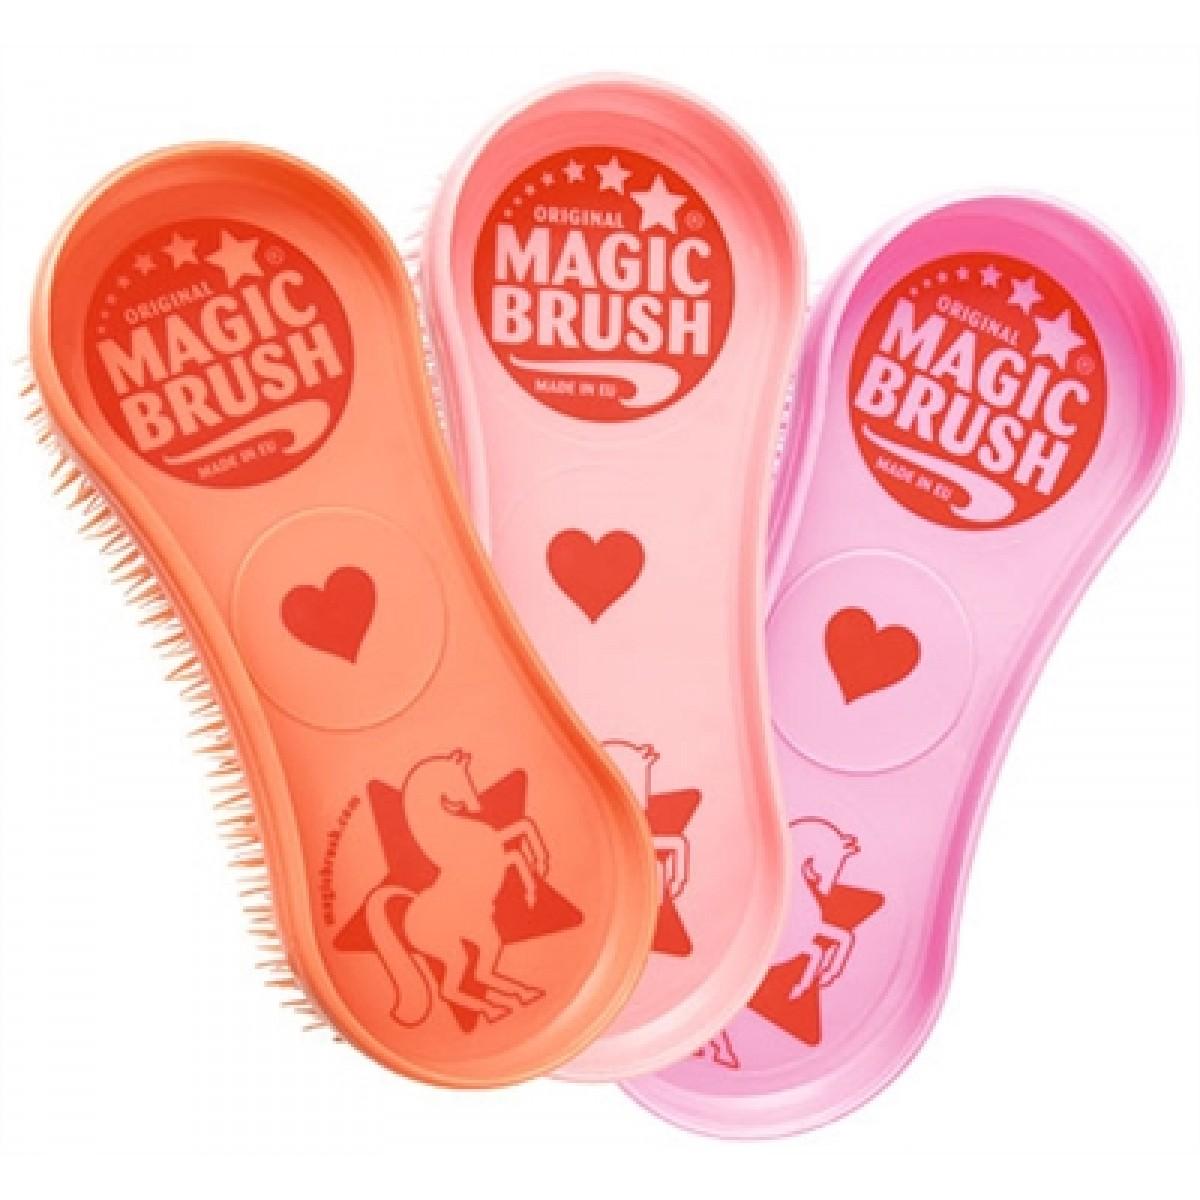 Magic Brush ass.